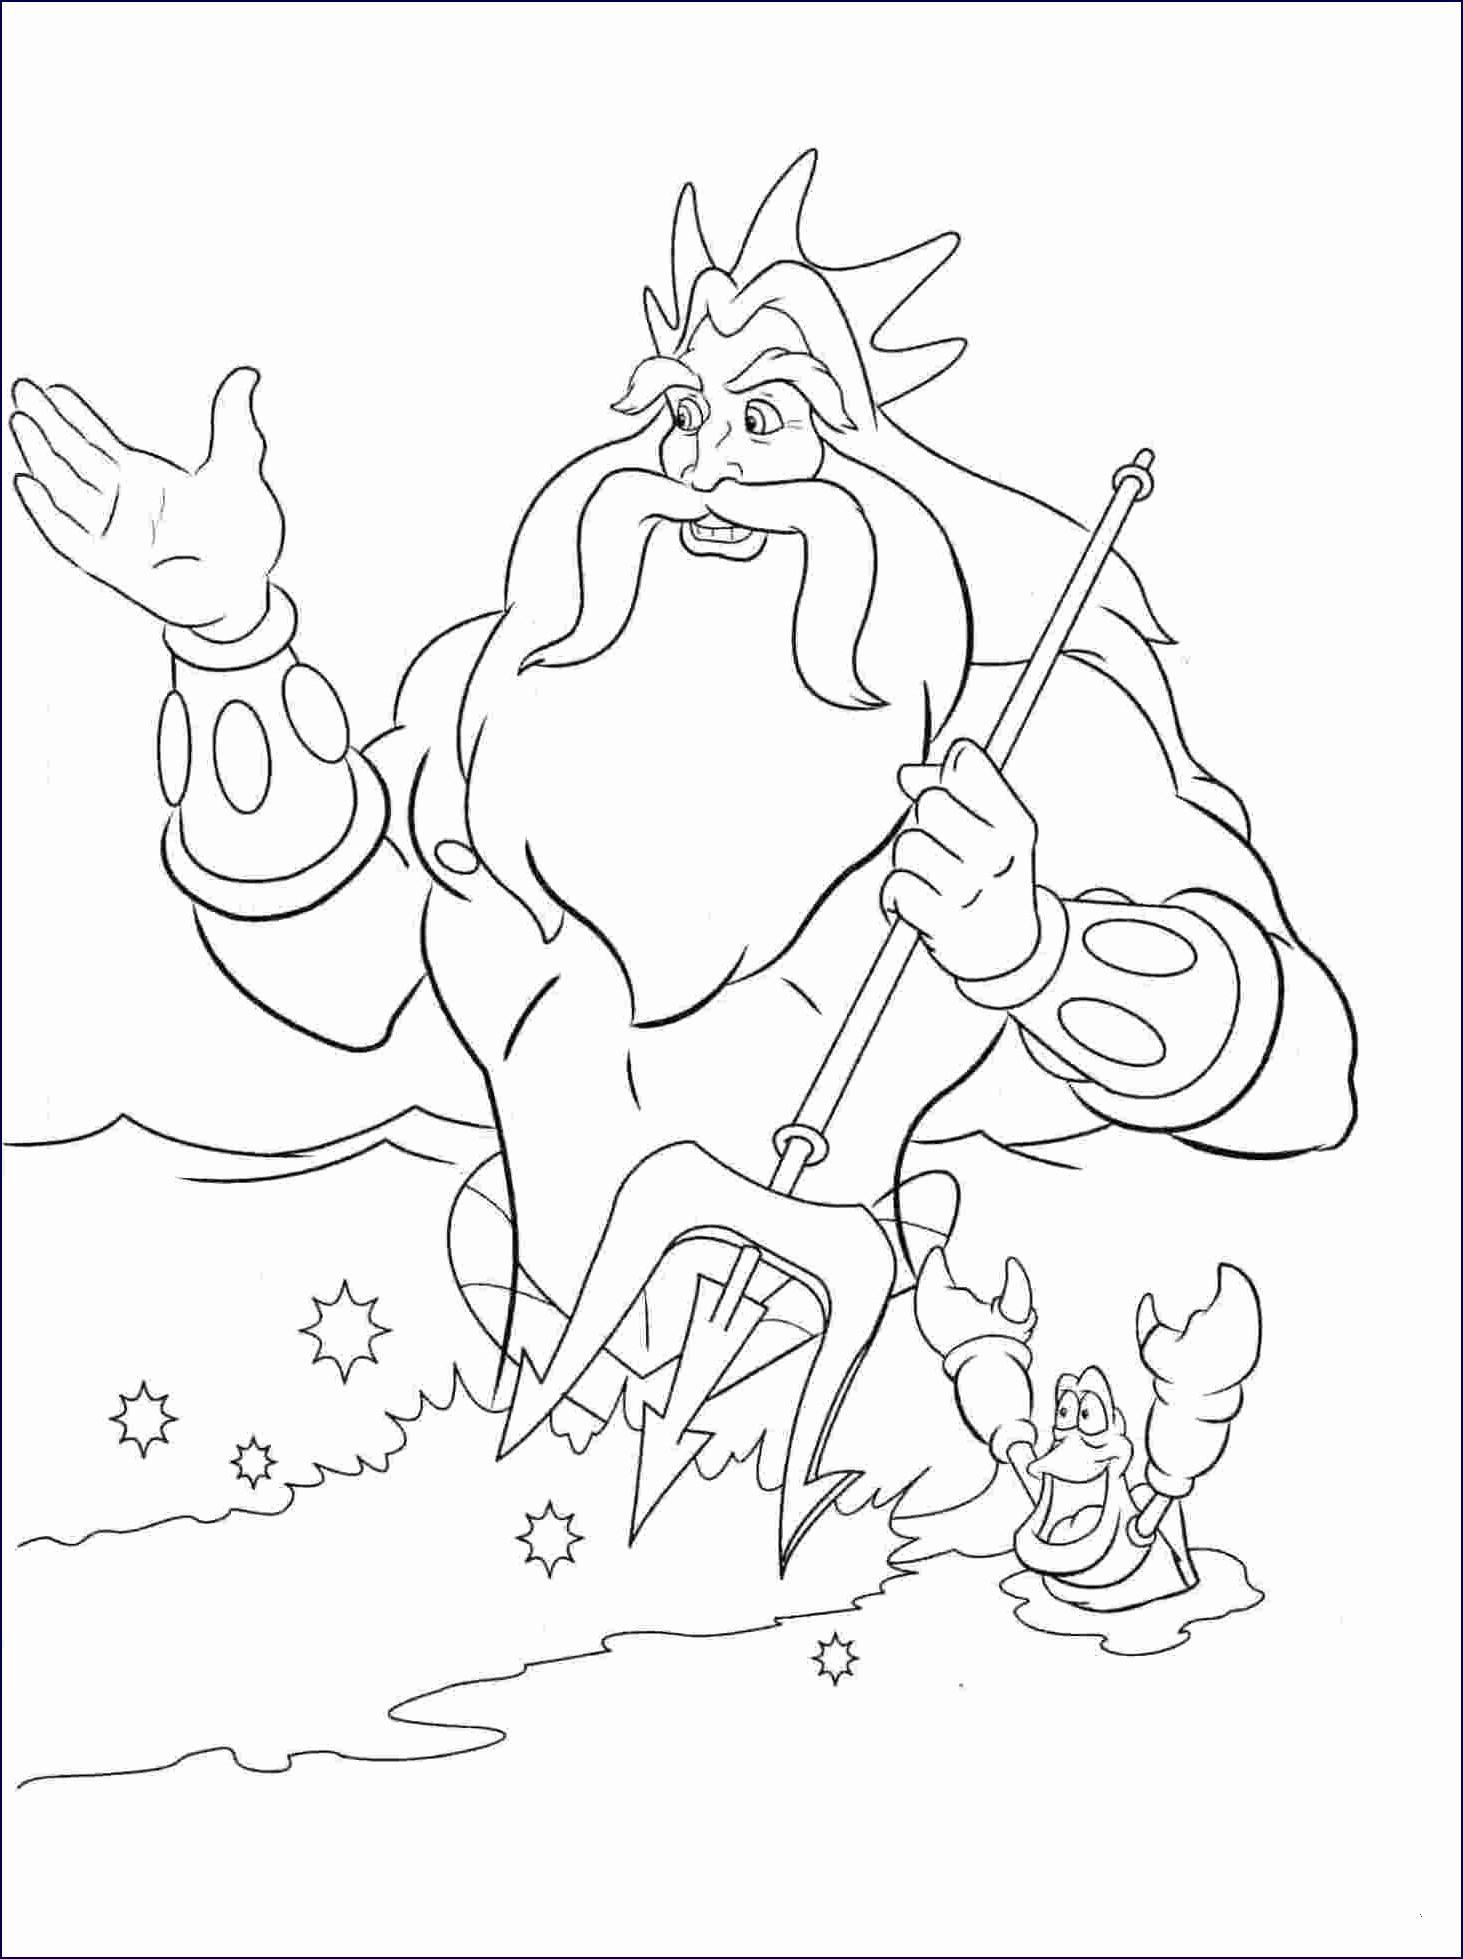 Ausmalbilder Meerjungfrau H2o Das Beste Von 35 Inspirierend Meerjungfrau Bilder Zum Ausmalen – Malvorlagen Ideen Sammlung